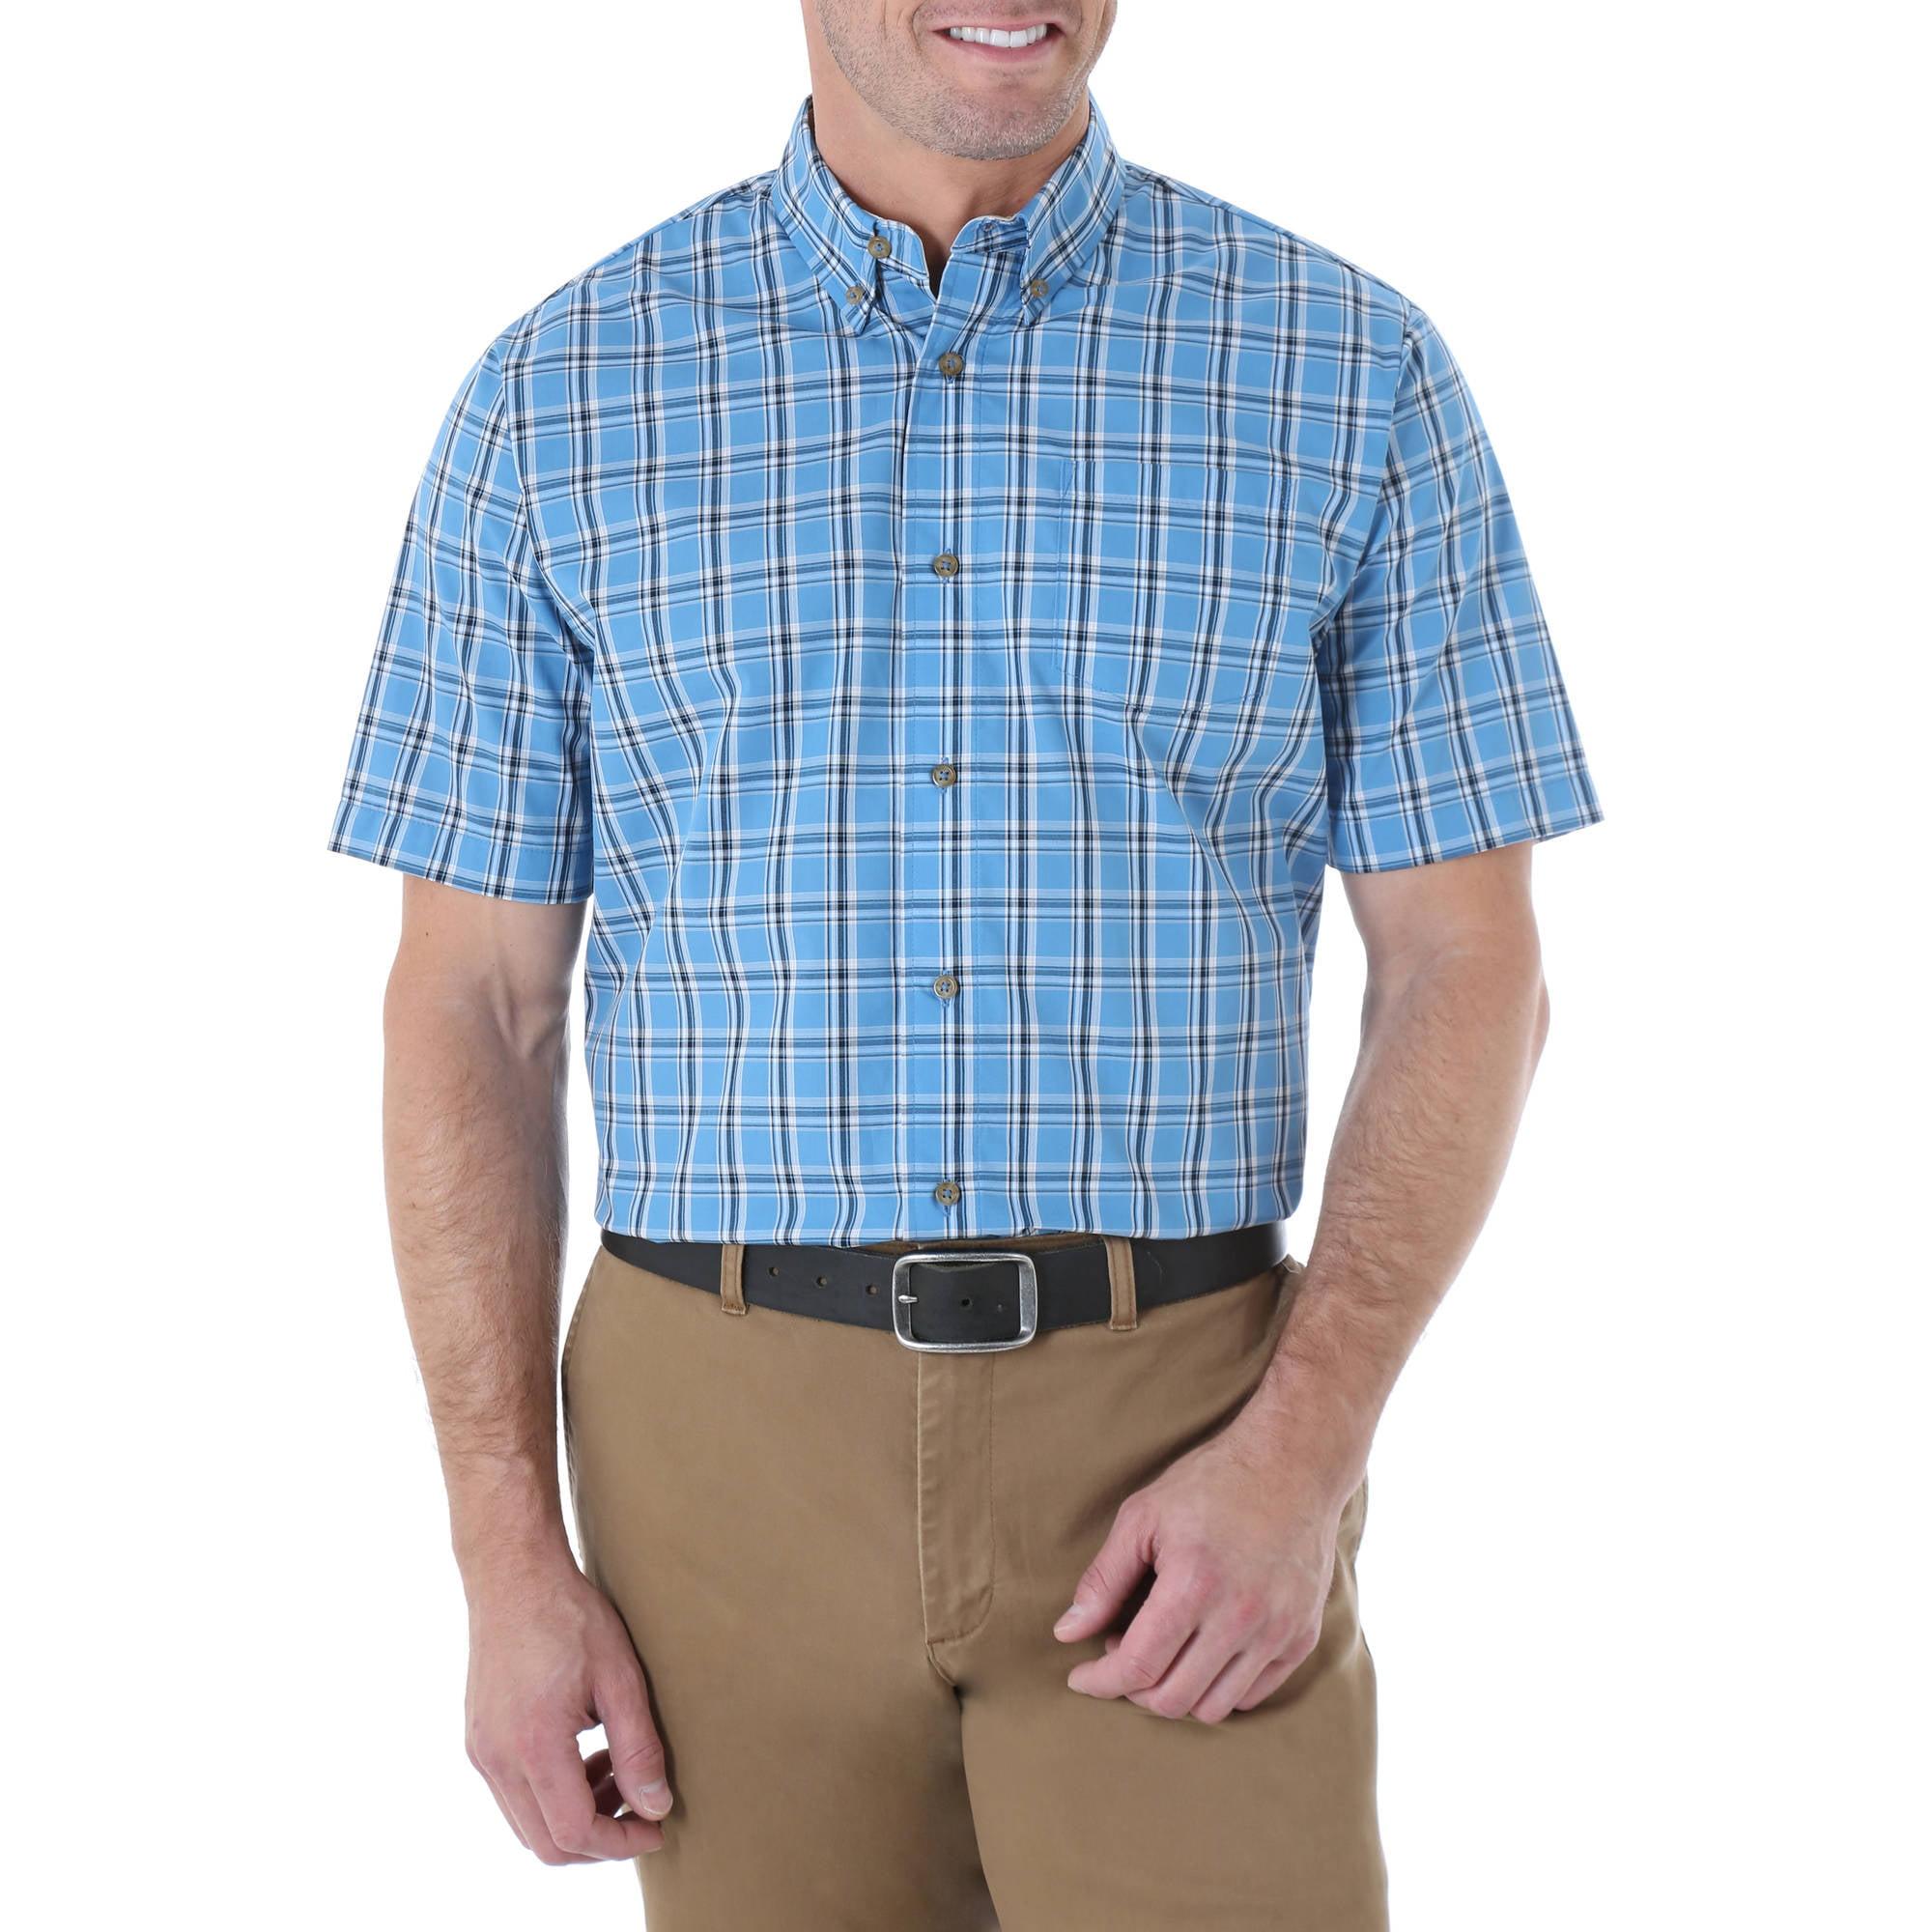 Wrangler Mens' Short Sleeve Wrinkle Resist Plaid Woven Shirt